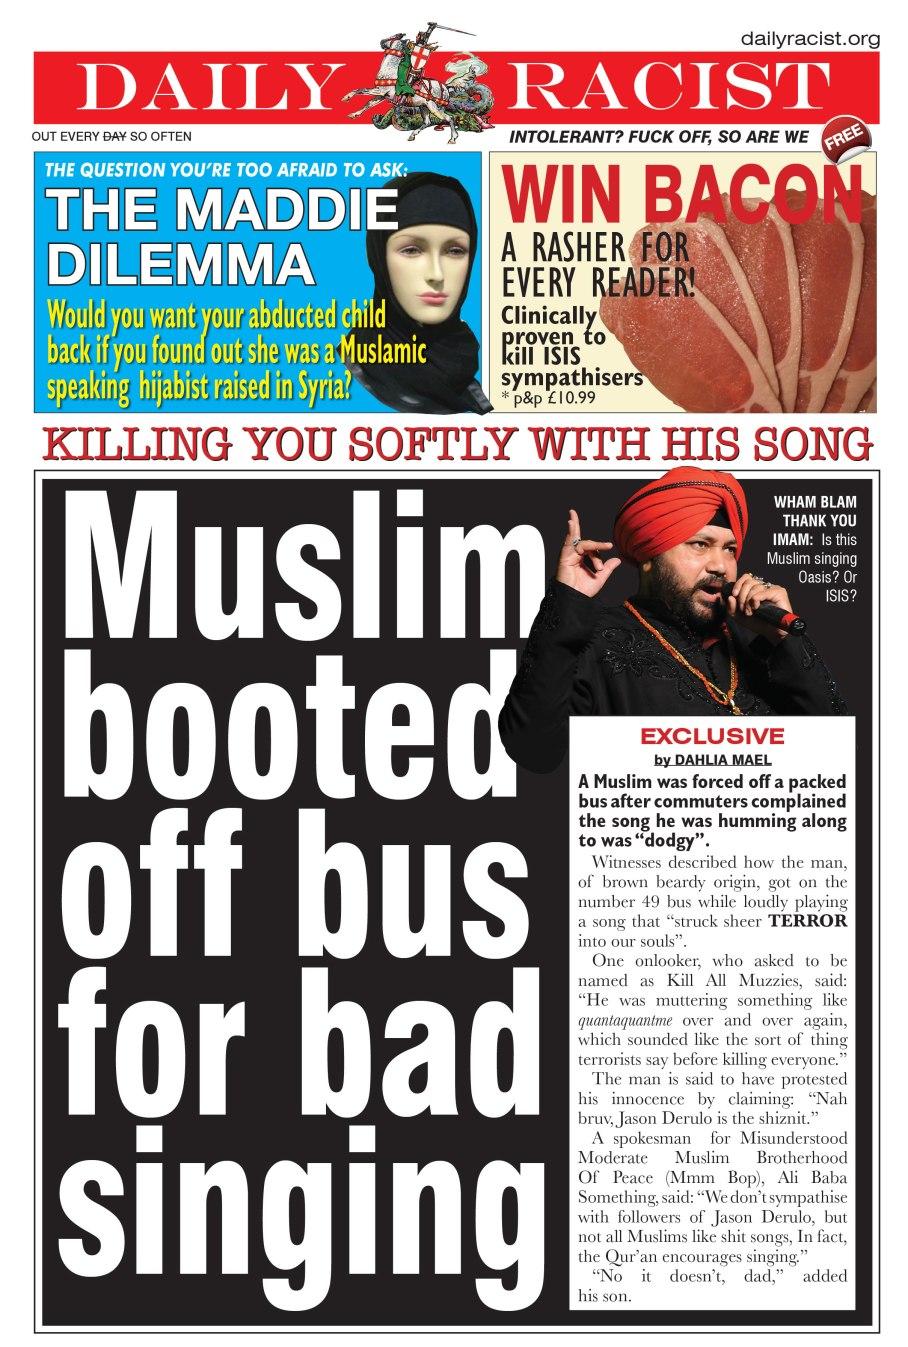 suspicious-muslim-singer